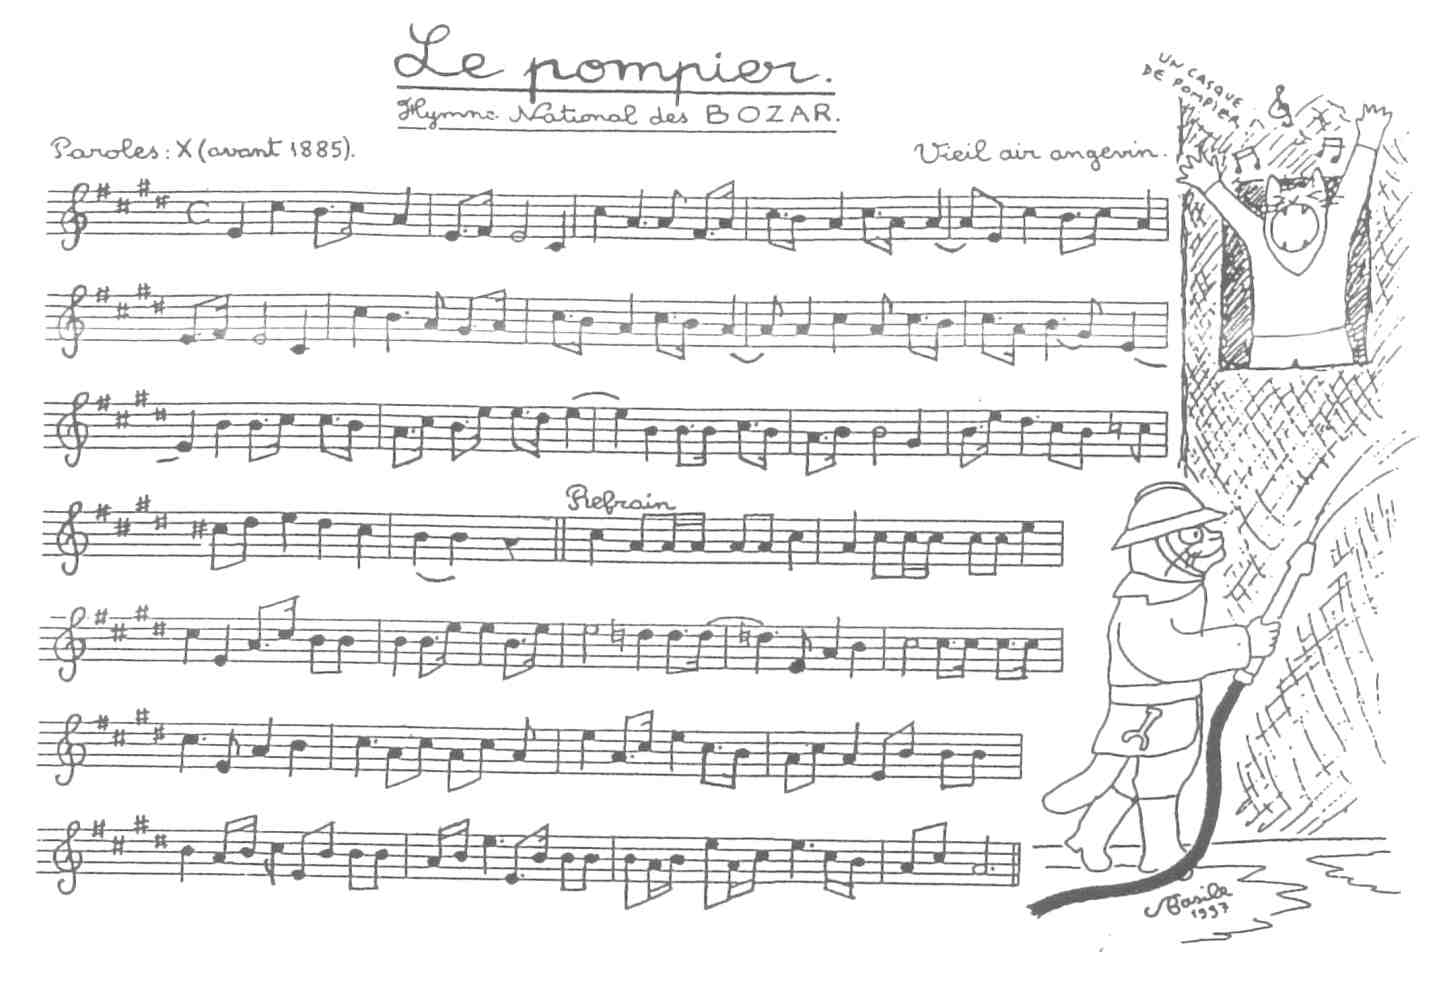 Filepartition Du Pompier Illustrée Par Basile Pachkoff